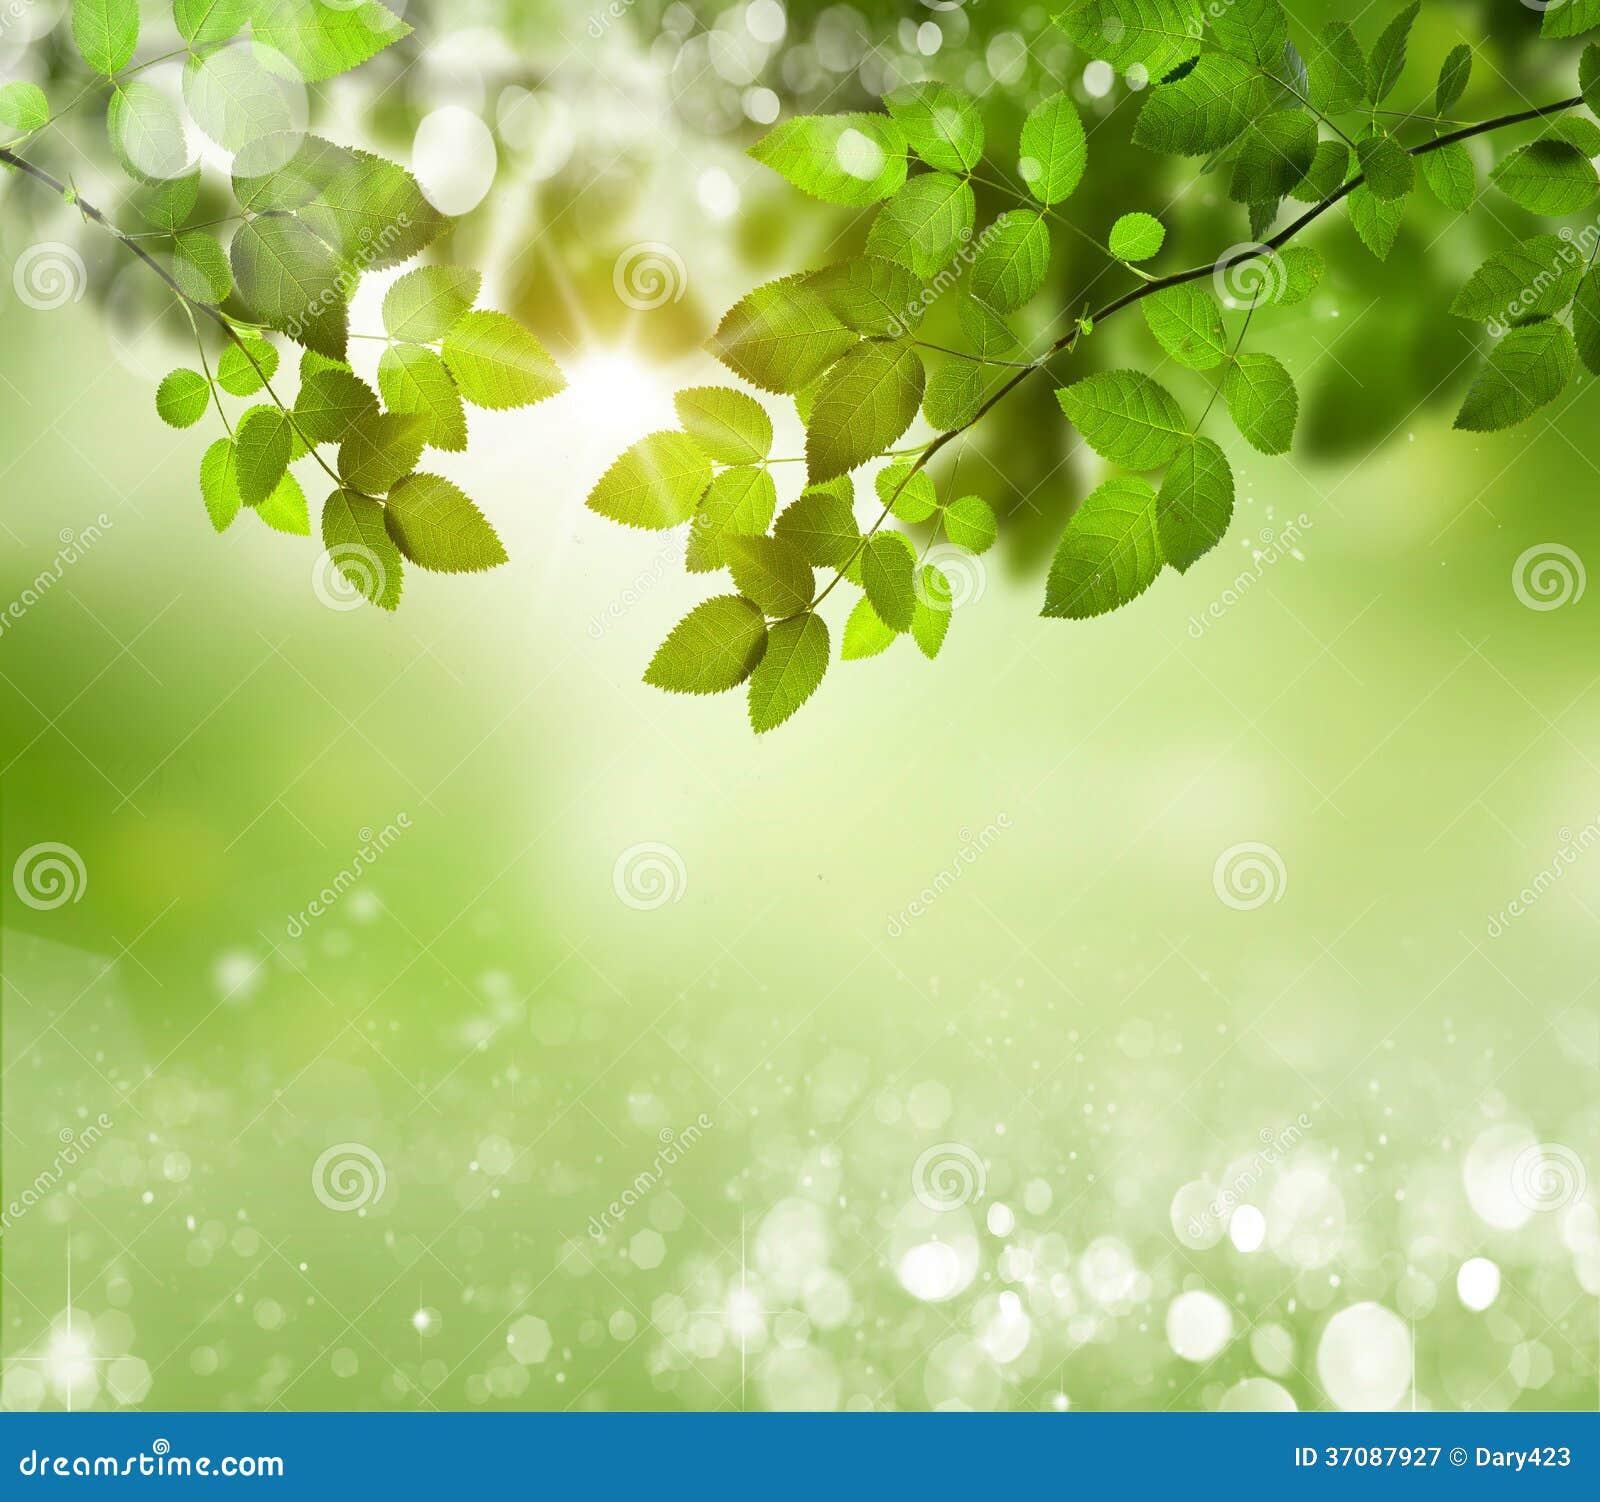 Download Naturalny Zielony Tło Z Selekcyjną Ostrością Obraz Stock - Obraz złożonej z ziemia, gazon: 37087927